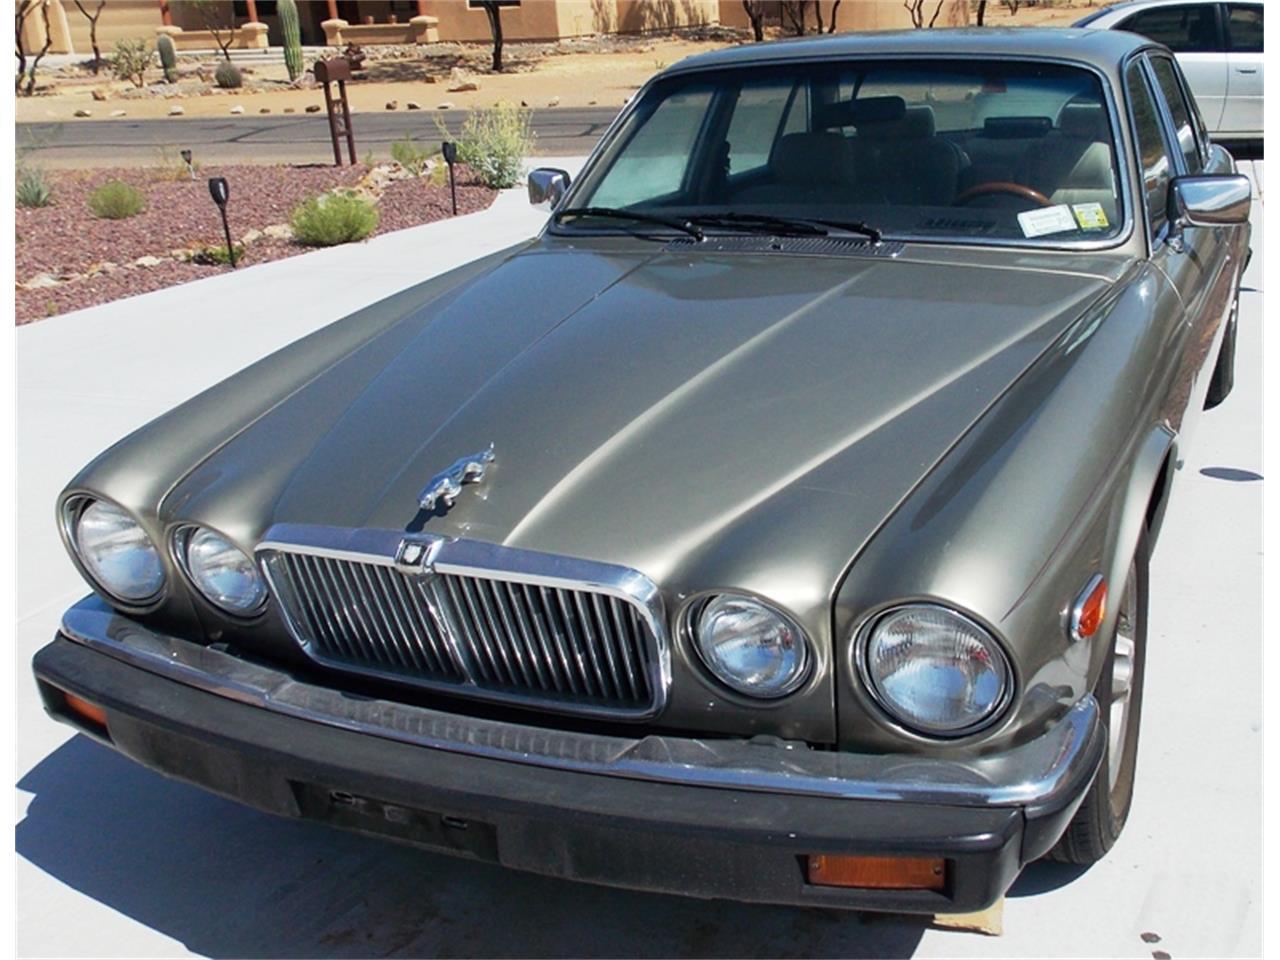 Large Picture of 1986 Jaguar XJ6 - $7,500.00 - QNNV